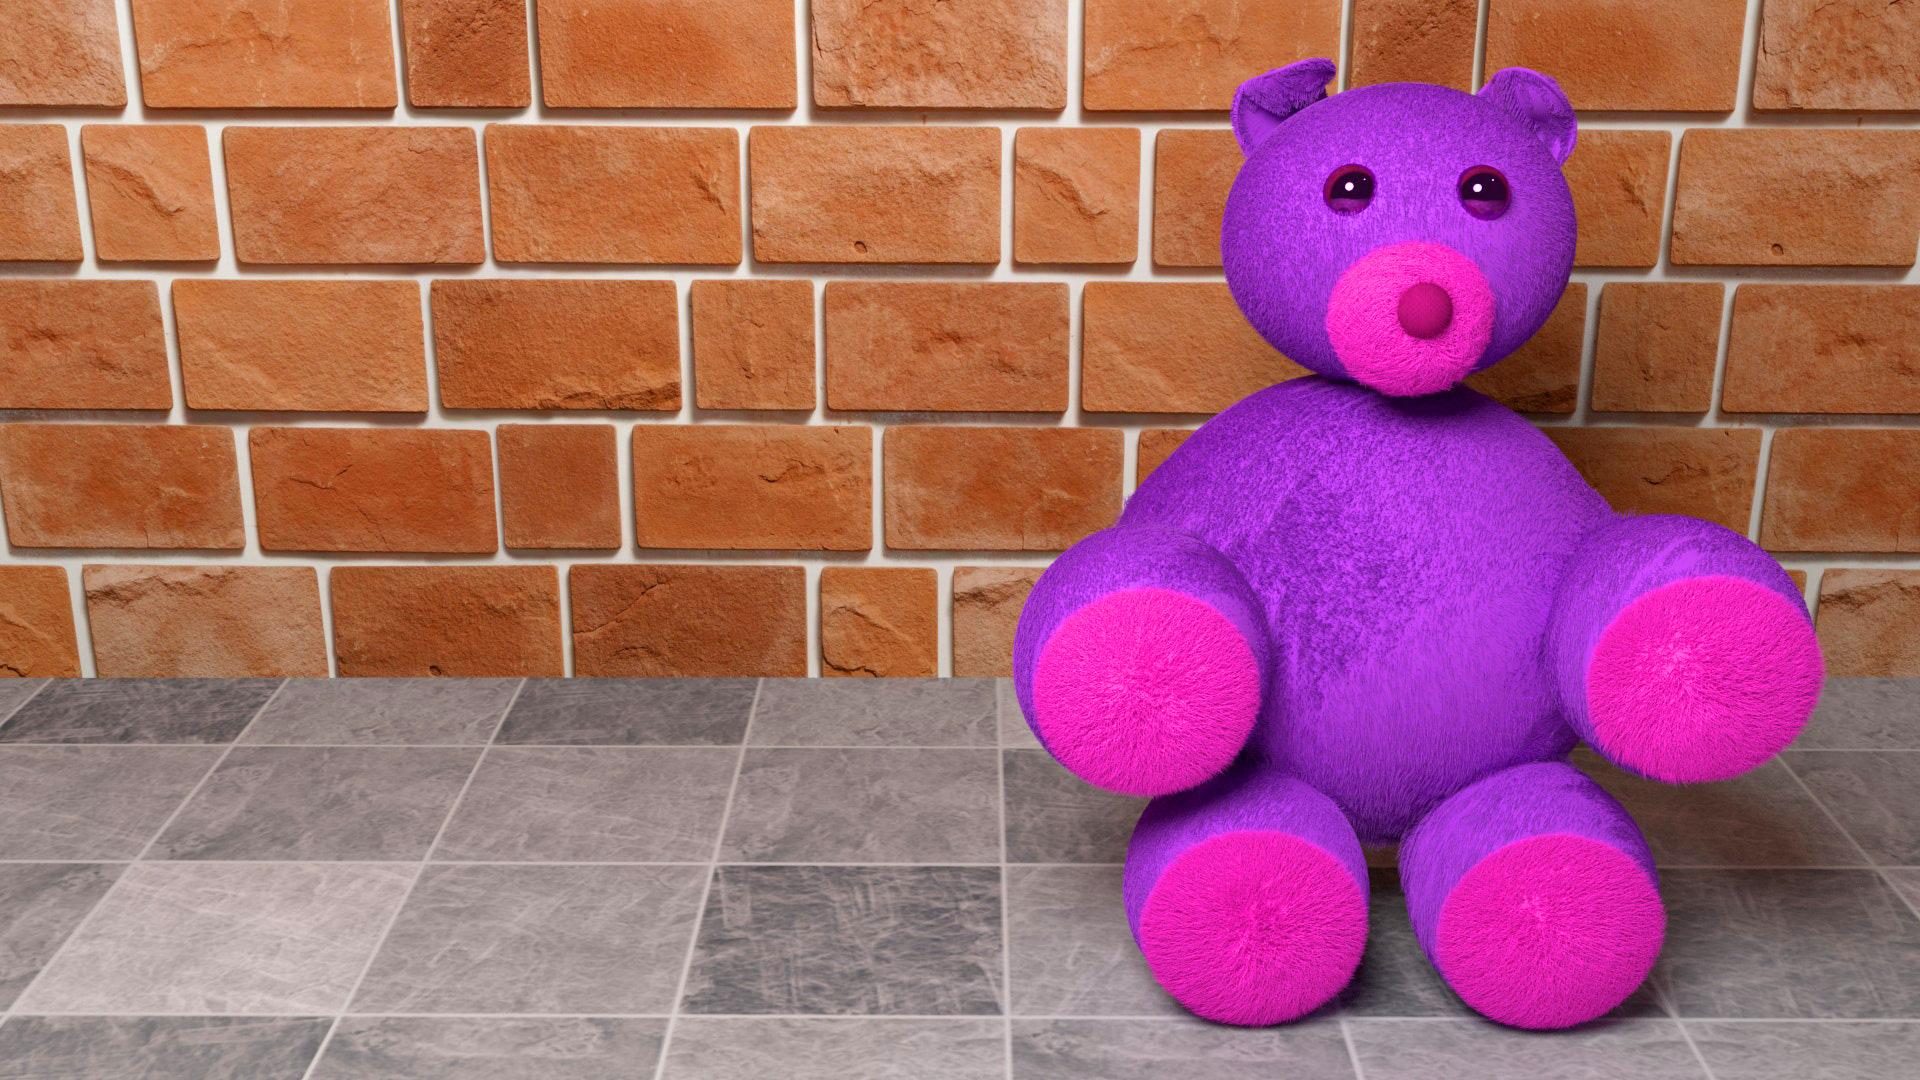 teddy bear Images 5